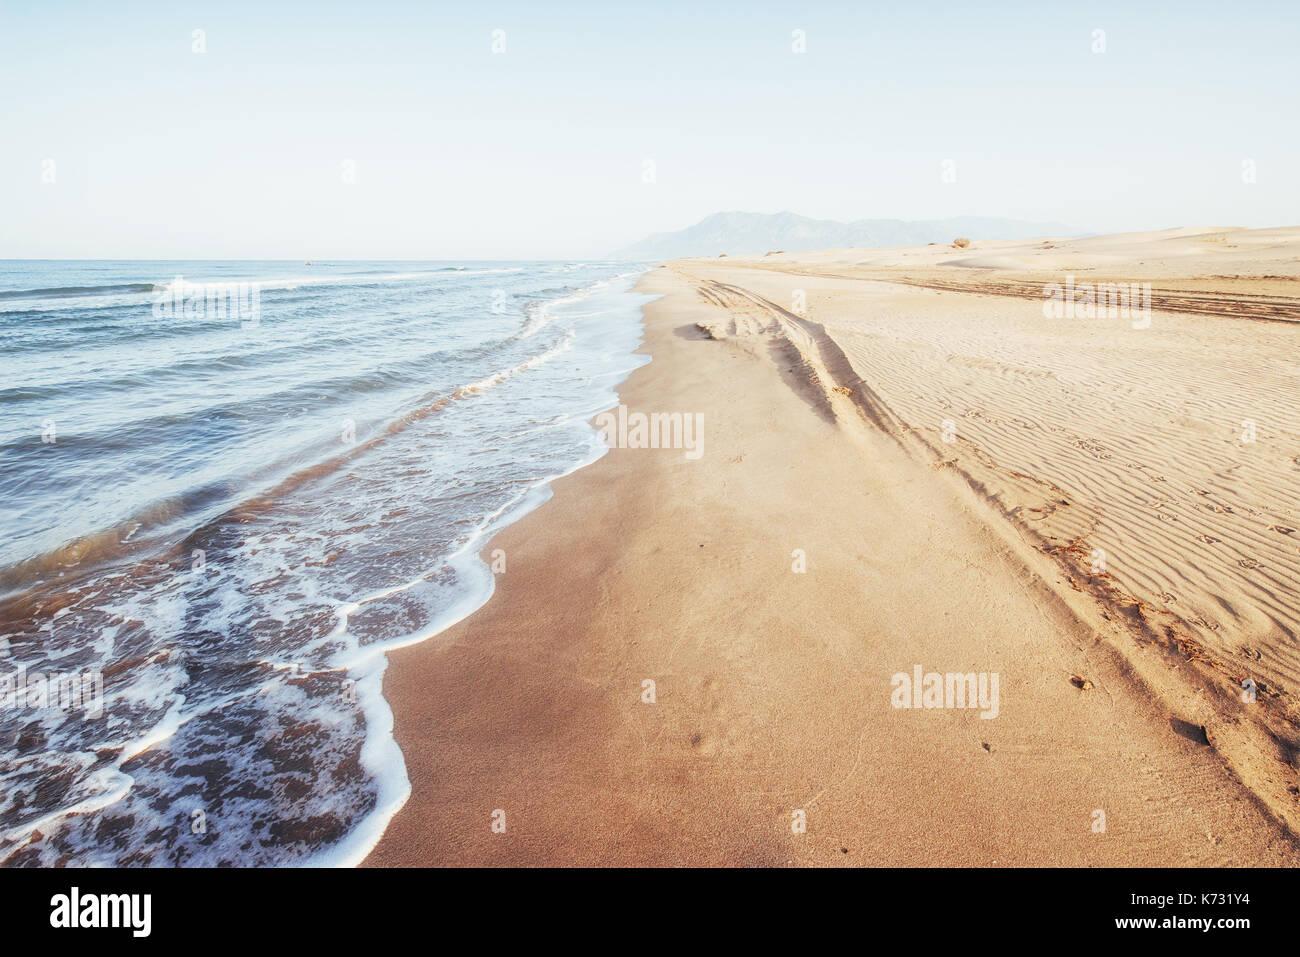 Einen fantastischen Blick auf die Küste mit gelben Sand und blauem Wasser Stockbild